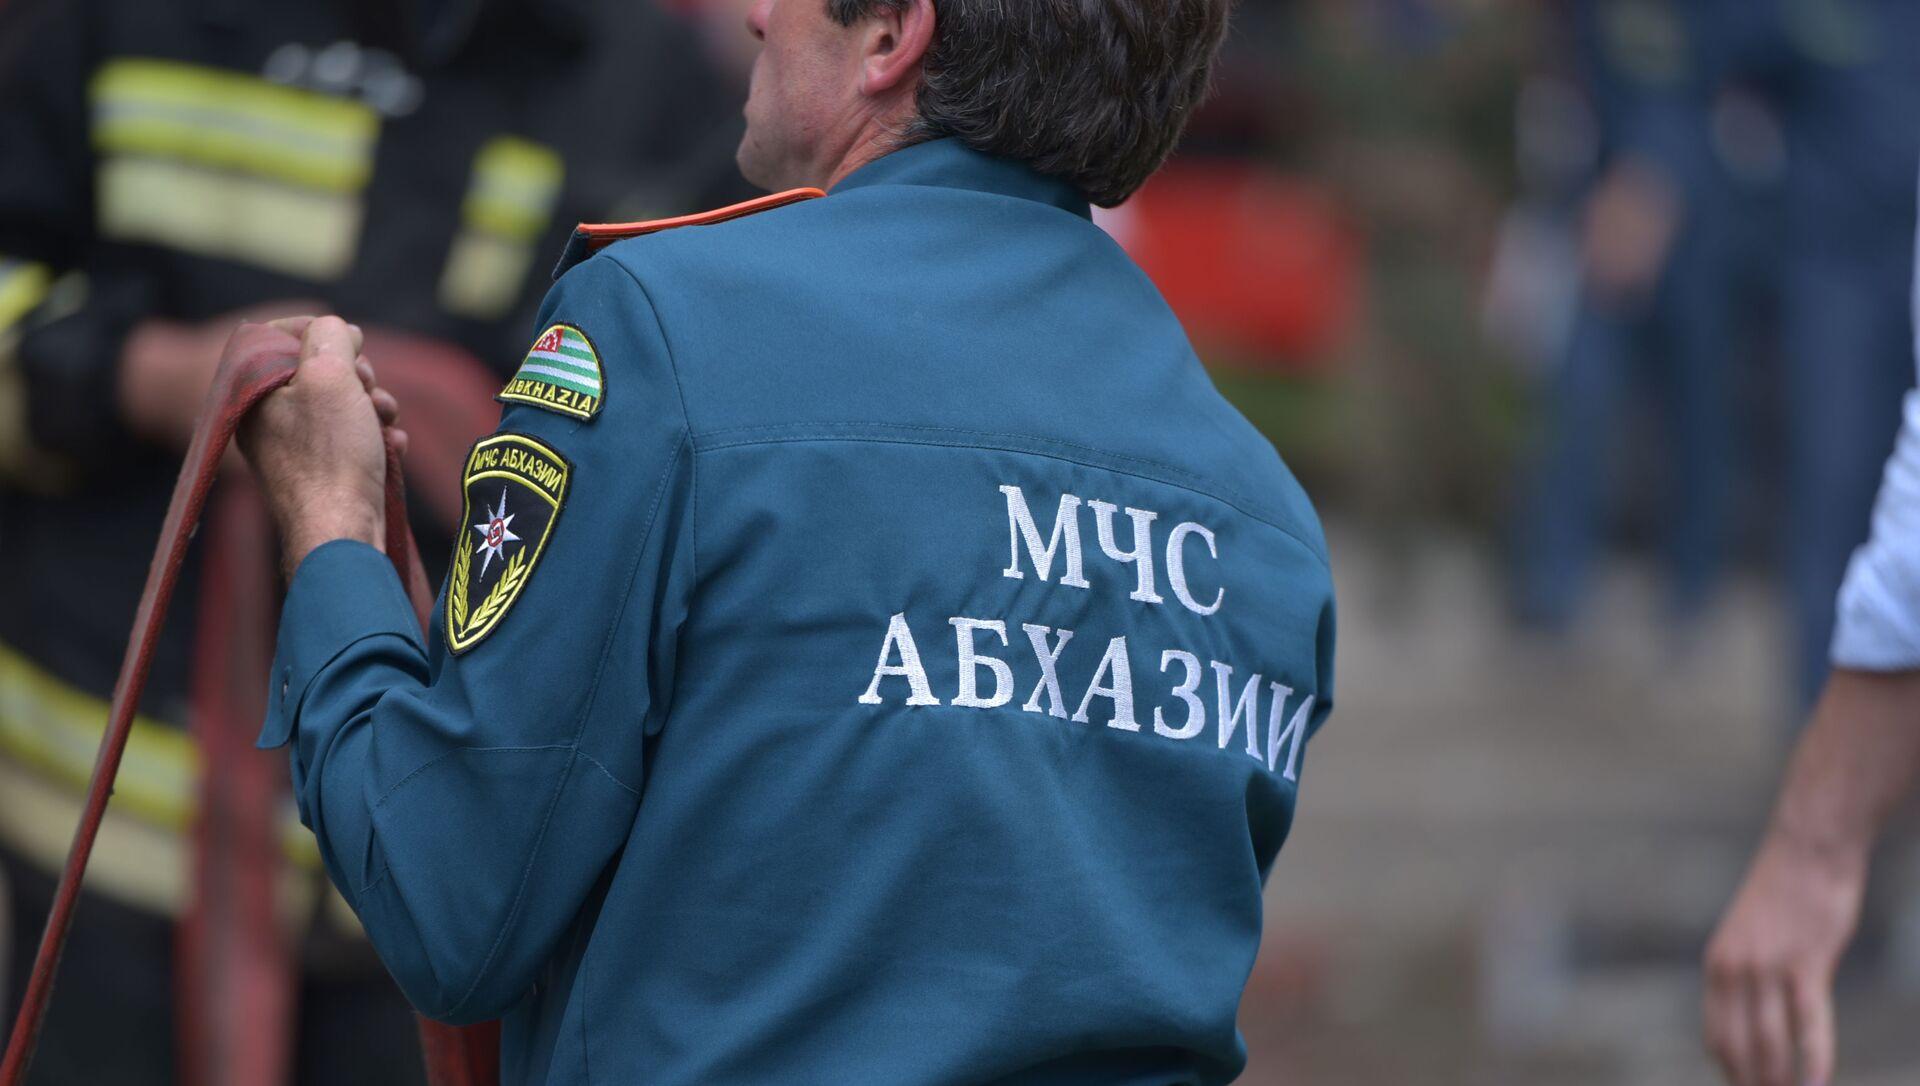 МЧС Абхазии тушат пожар  - Sputnik Аҧсны, 1920, 01.10.2021